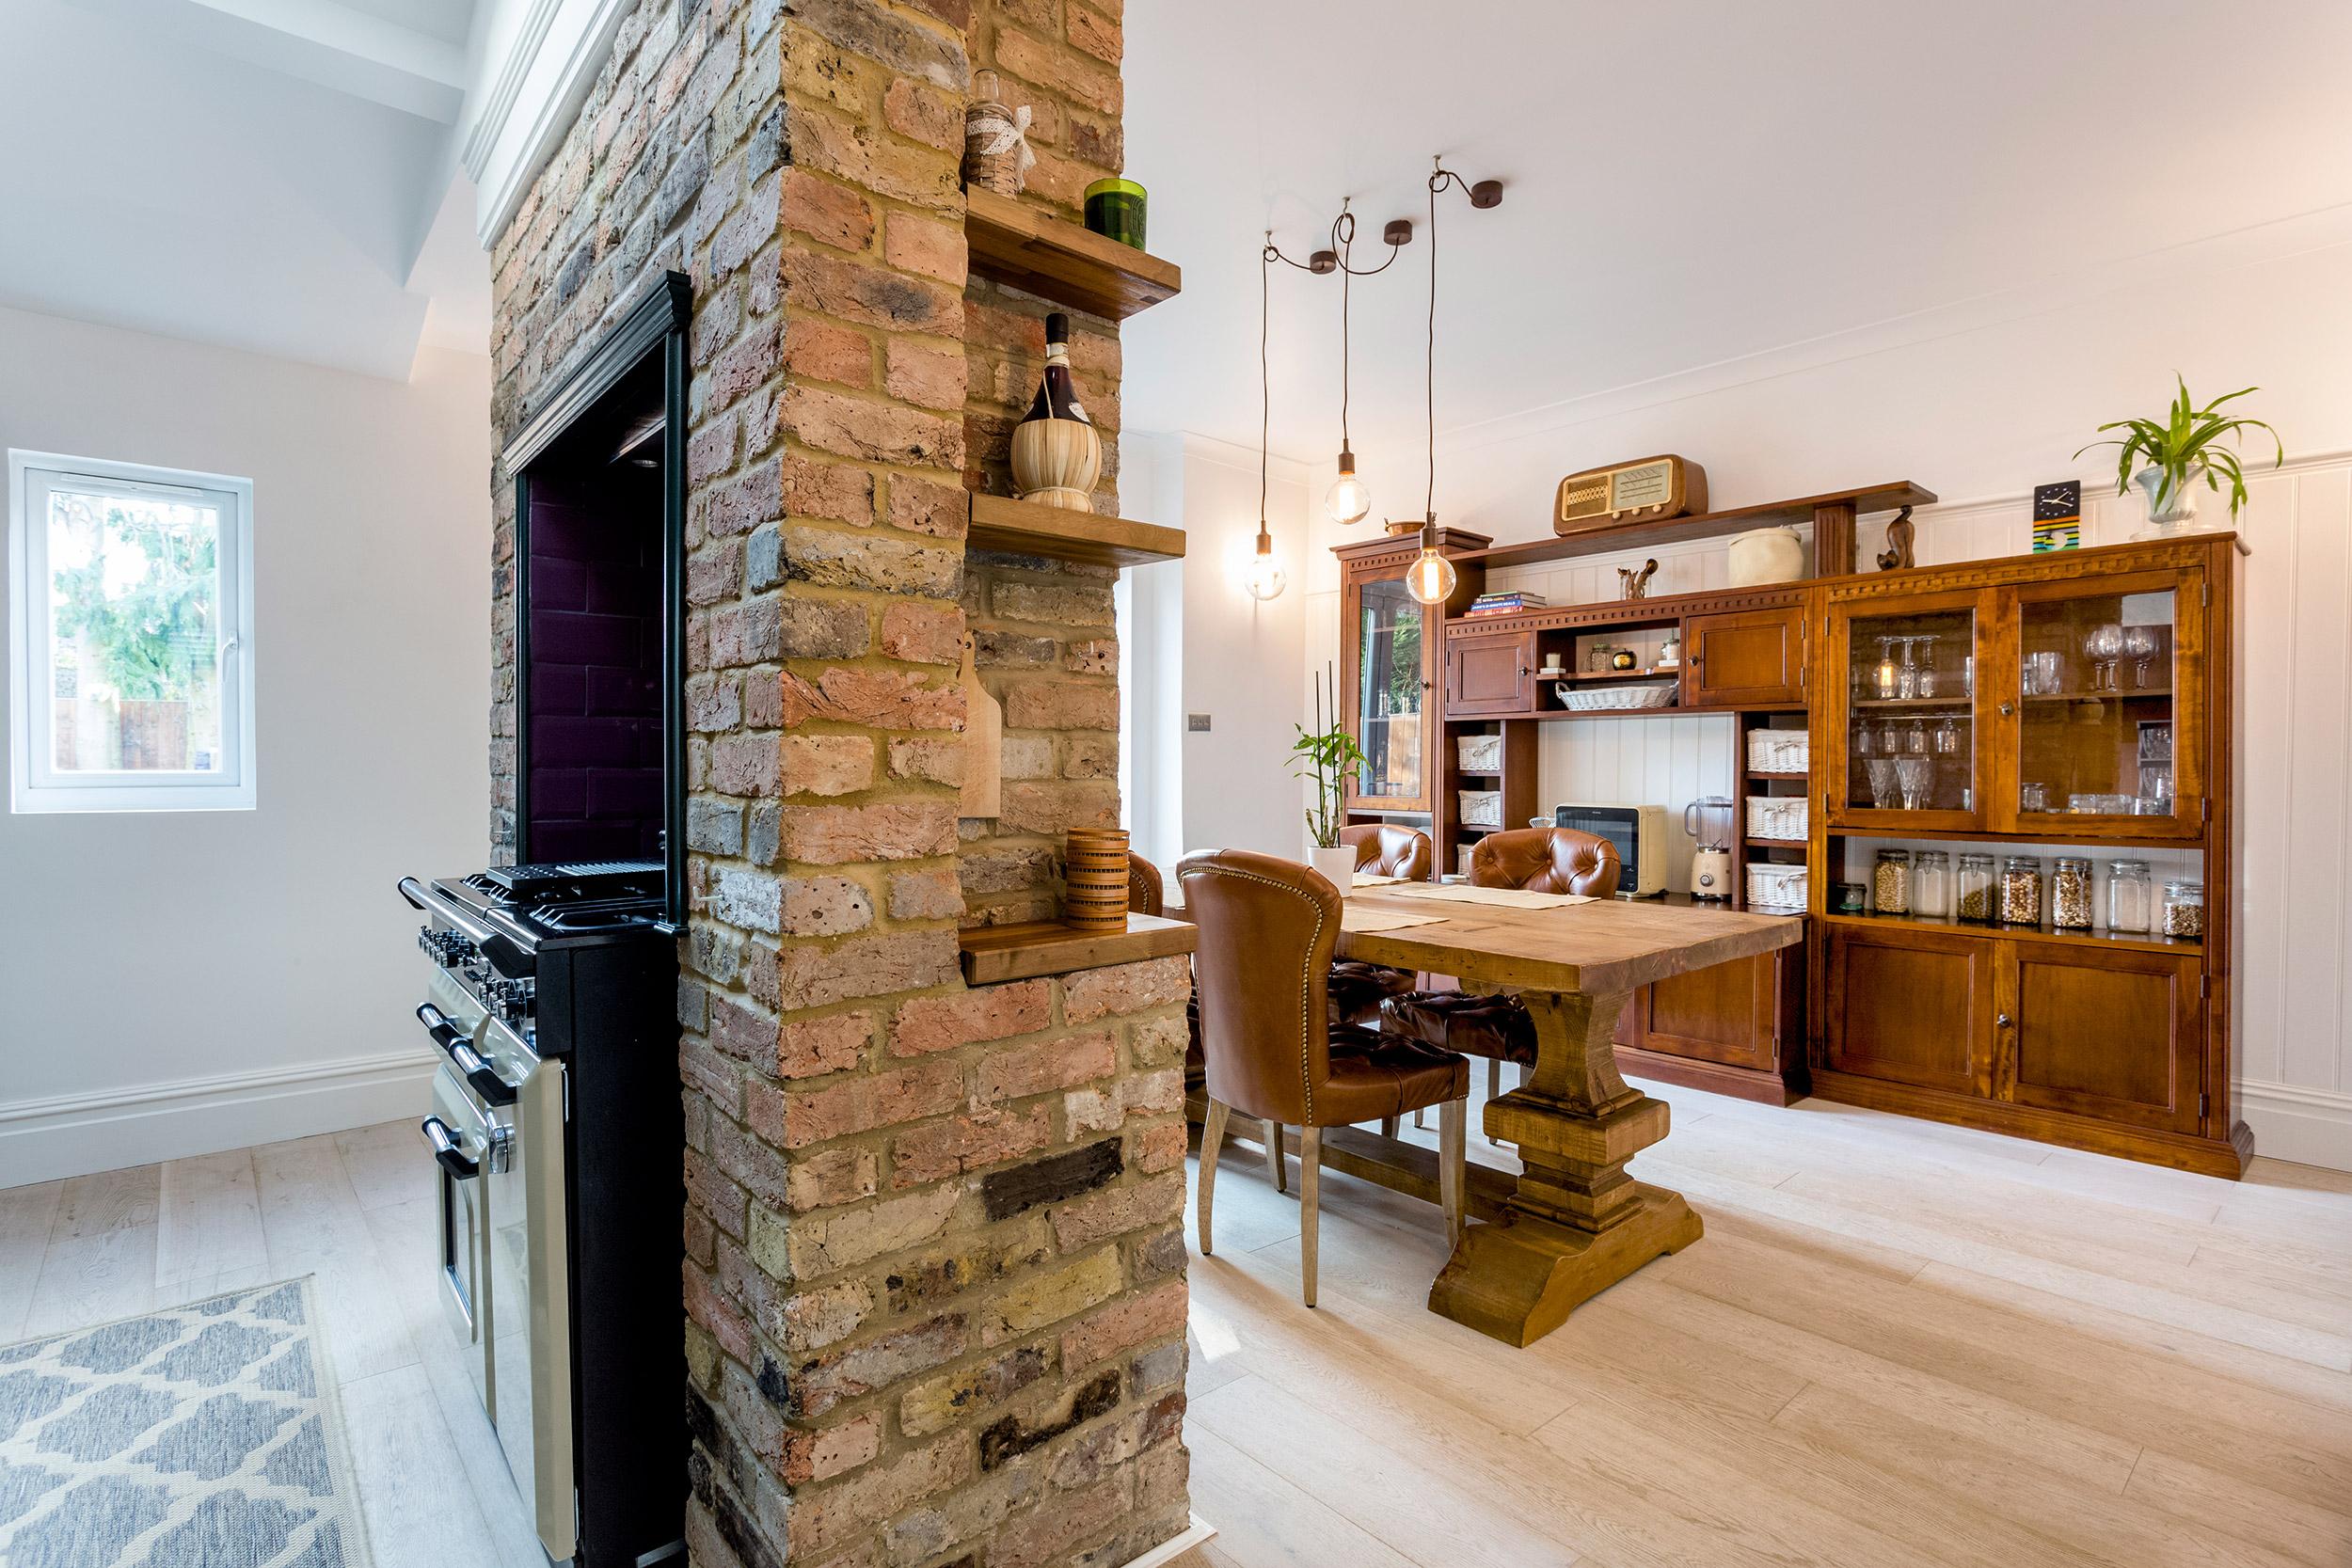 wimbledon-interior-design-open-plan.jpg